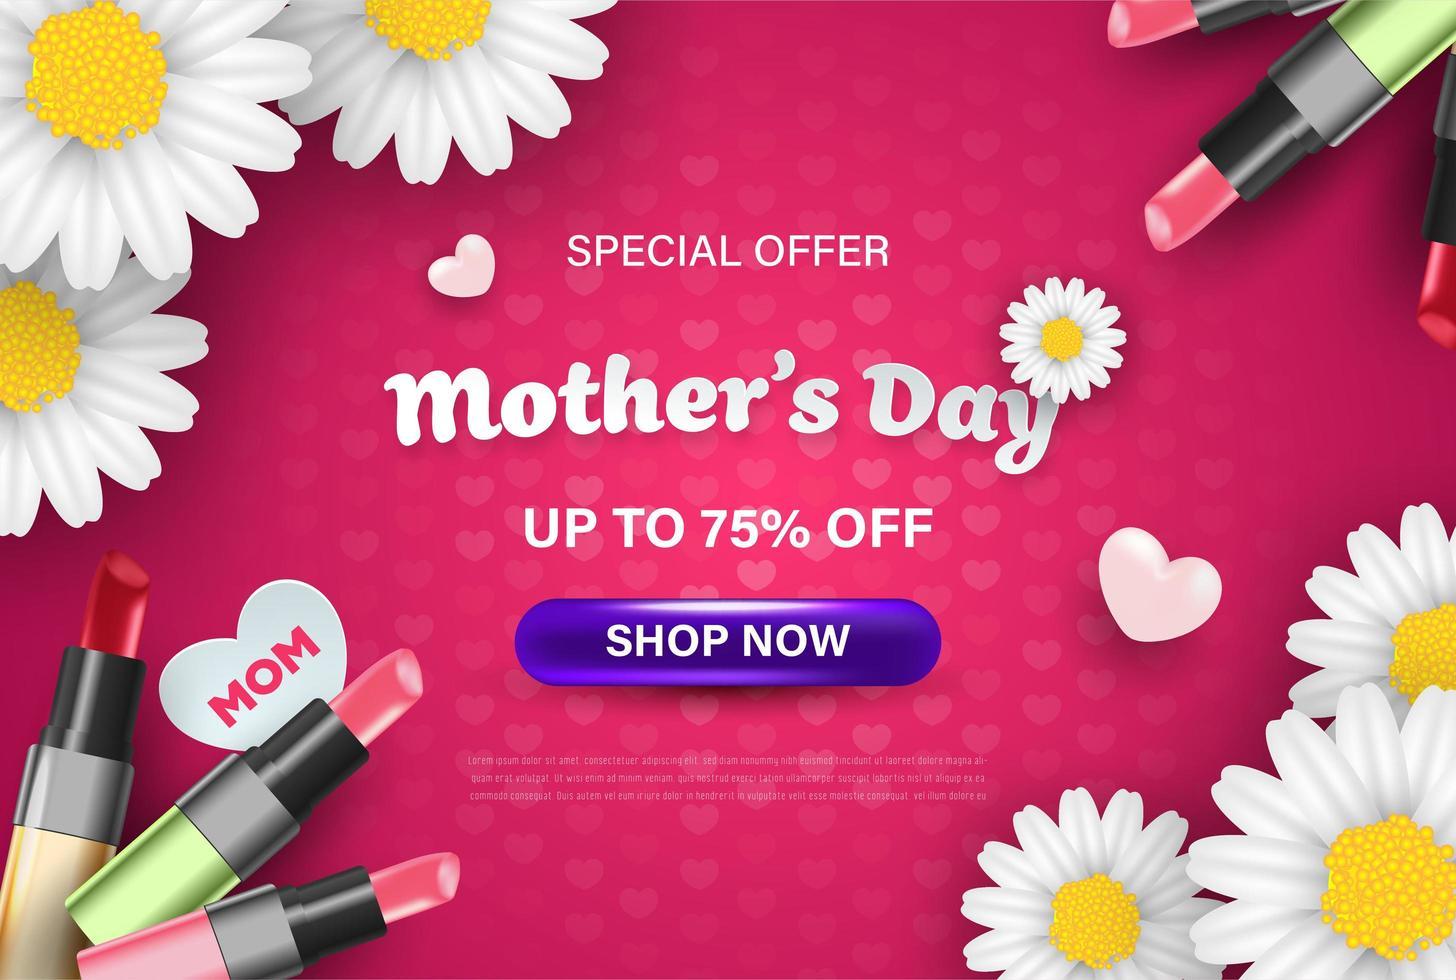 fond d'écran de célébration de la vente de la fête des mères heureux vecteur